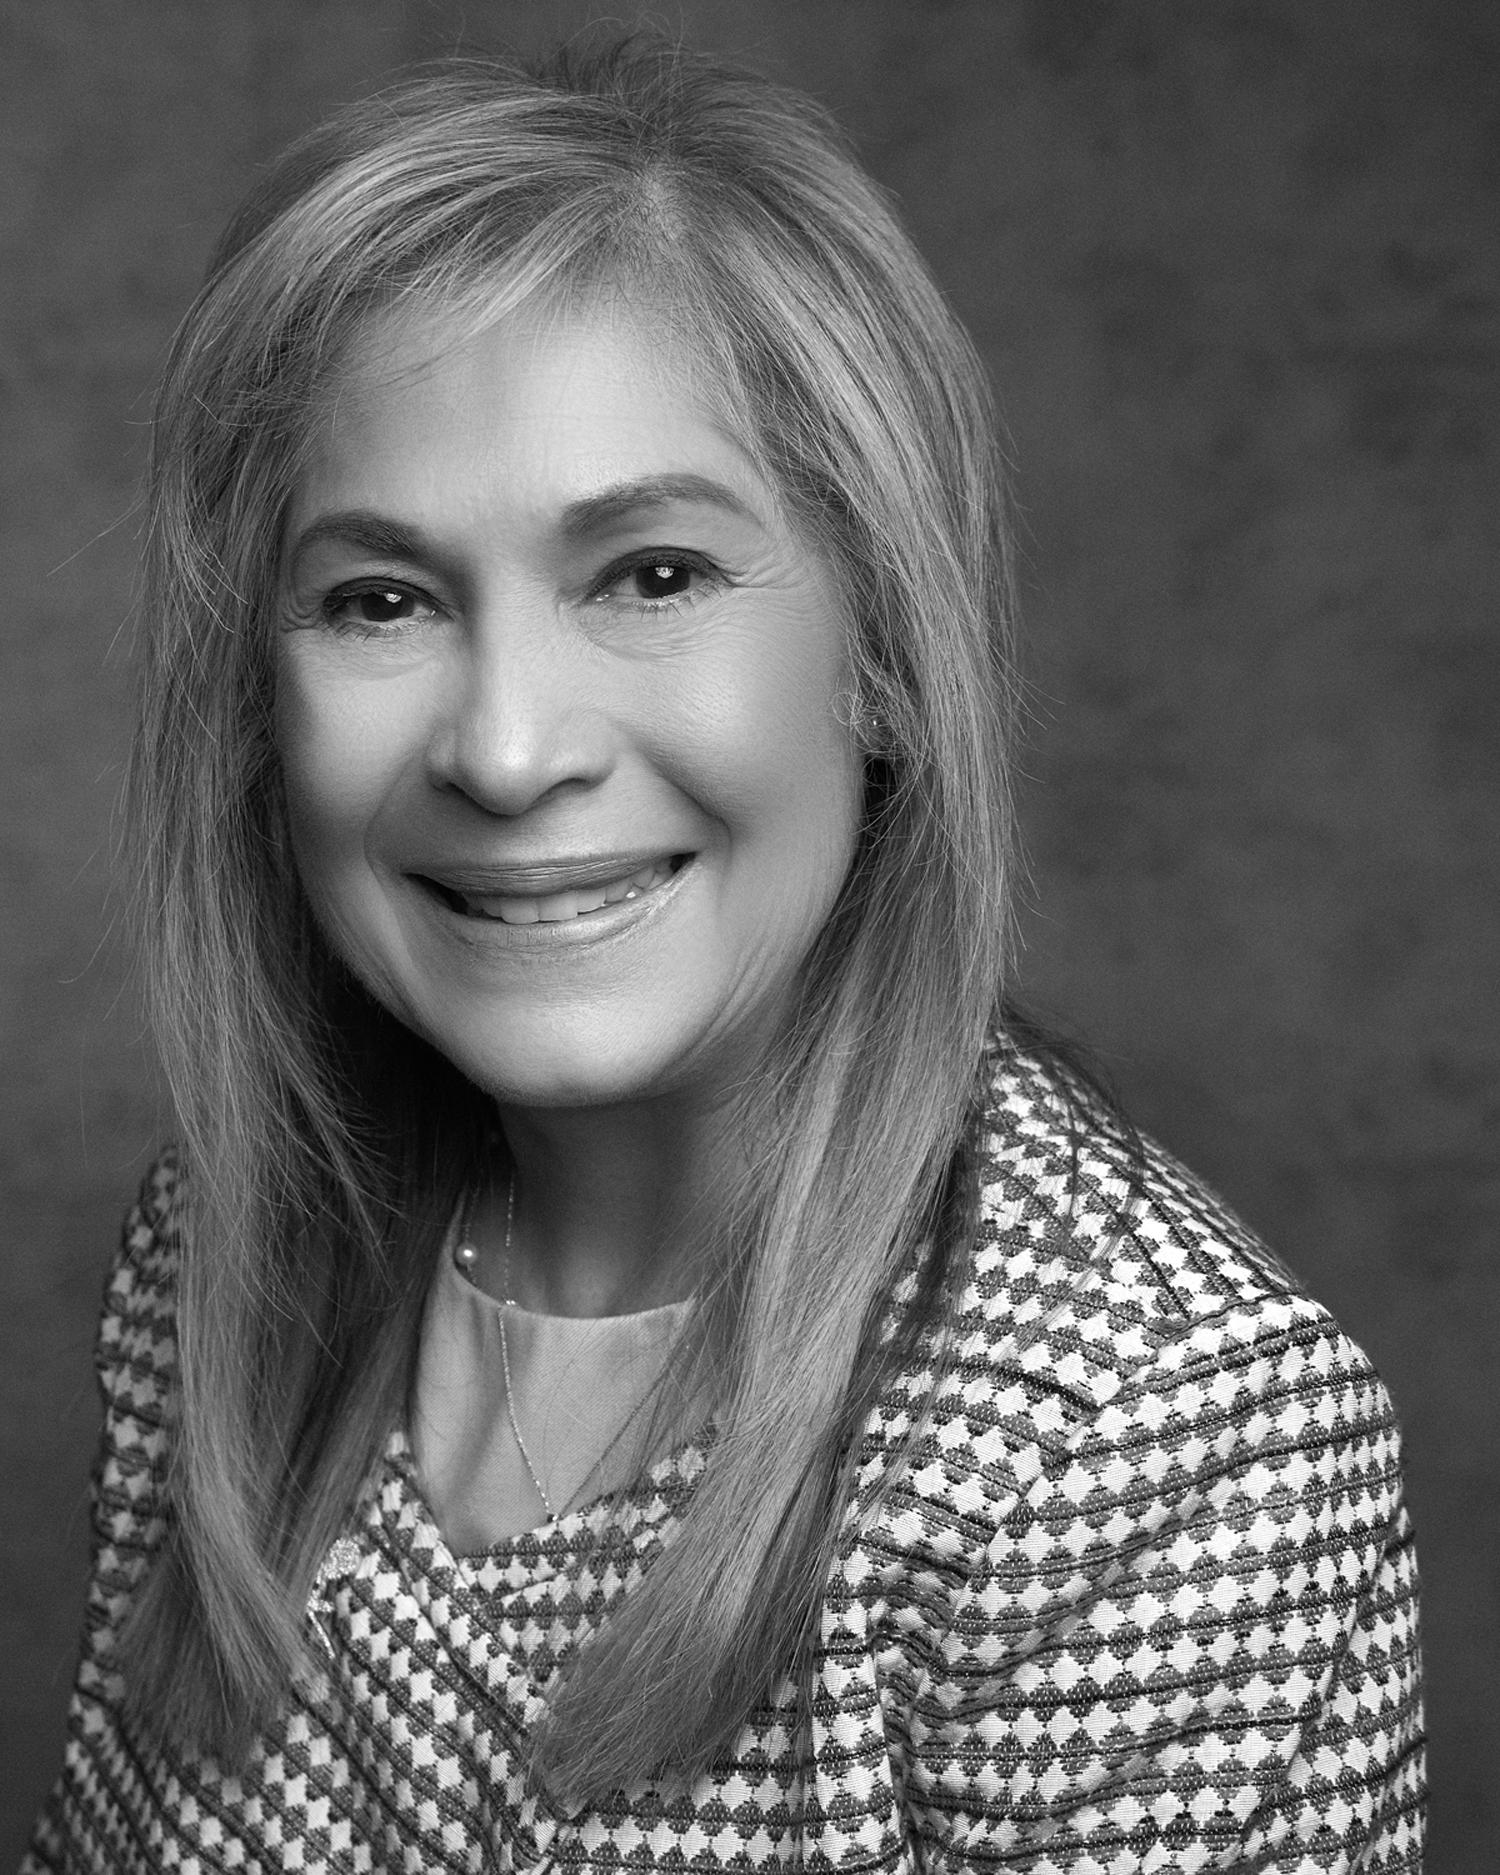 V. Janet Brewster, Managing Principal & CEO, Brewster Procurement Group, Inc.